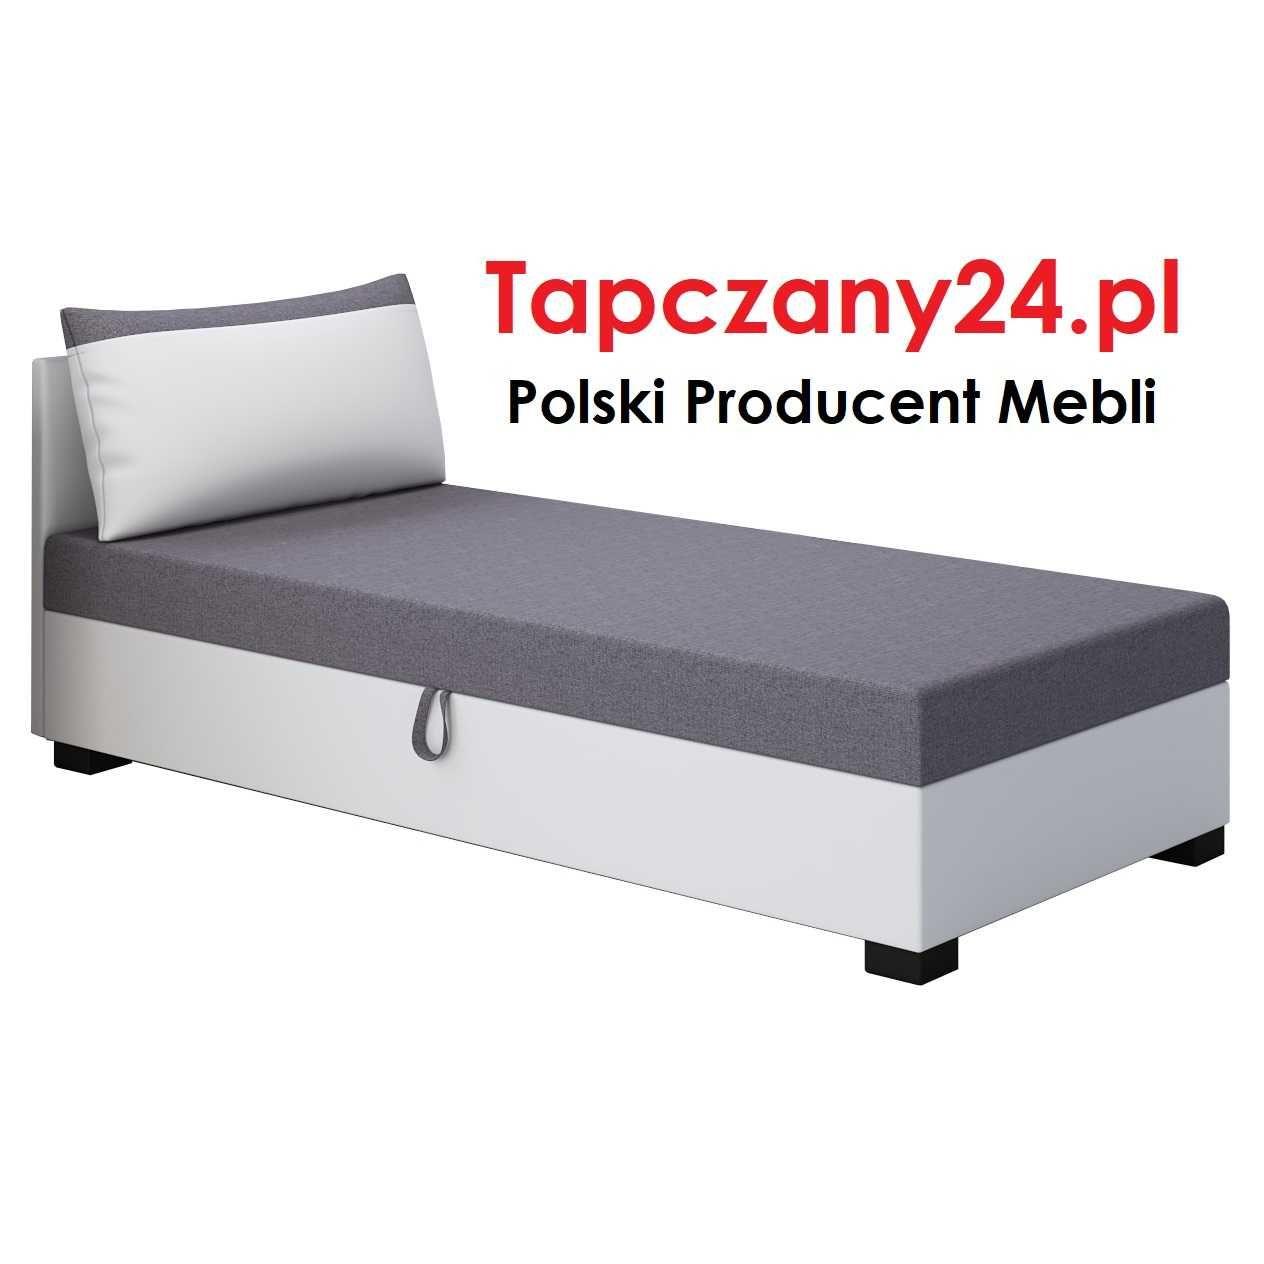 Łóżko hotelowe jednoosobowe Tapczan młodzieżowy +pojemnik Producent